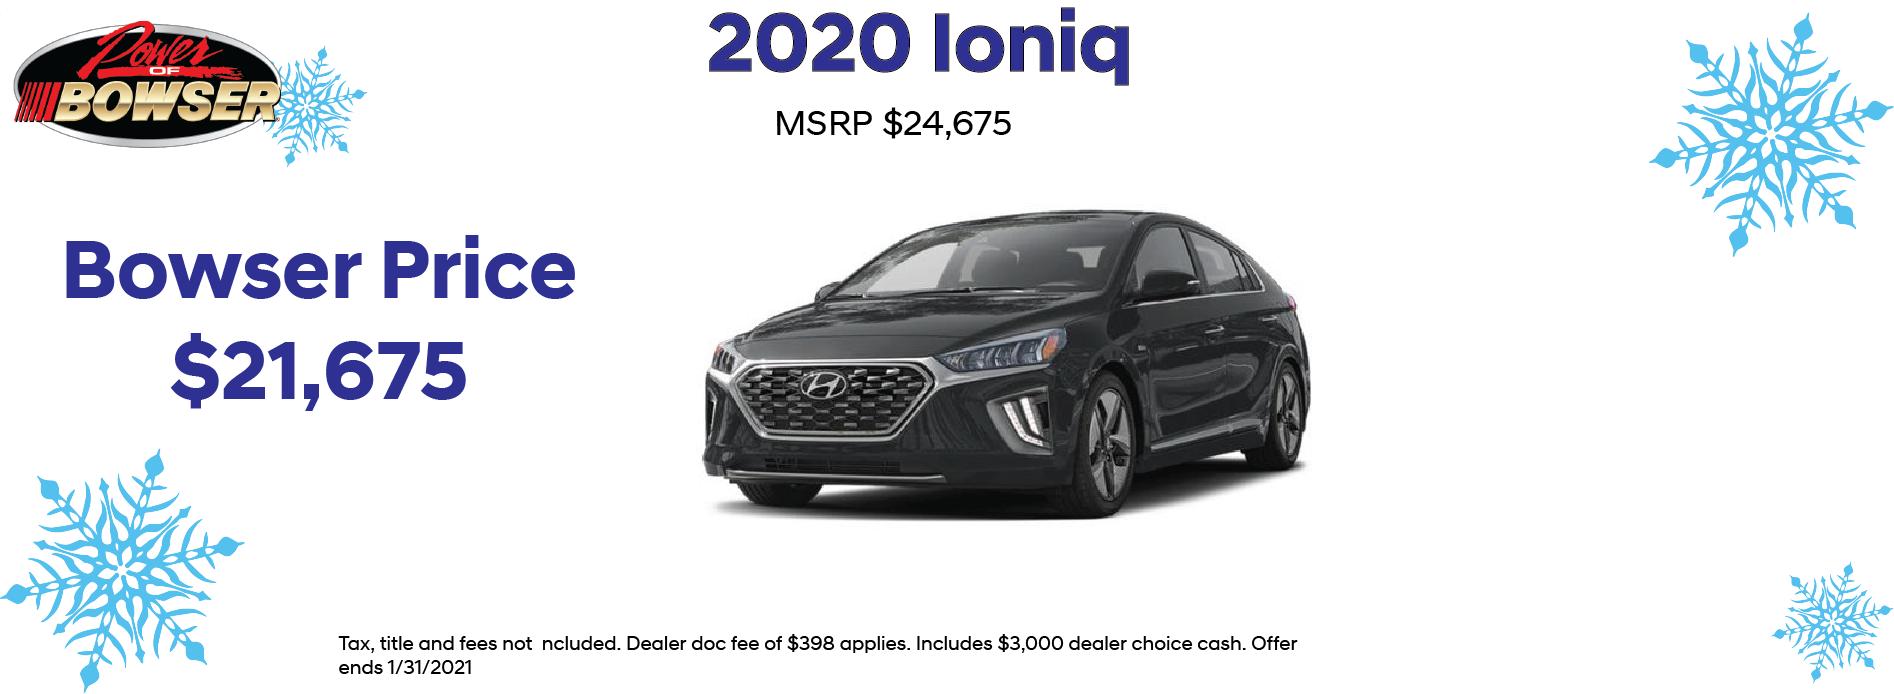 2020 Ioniq Special Offer